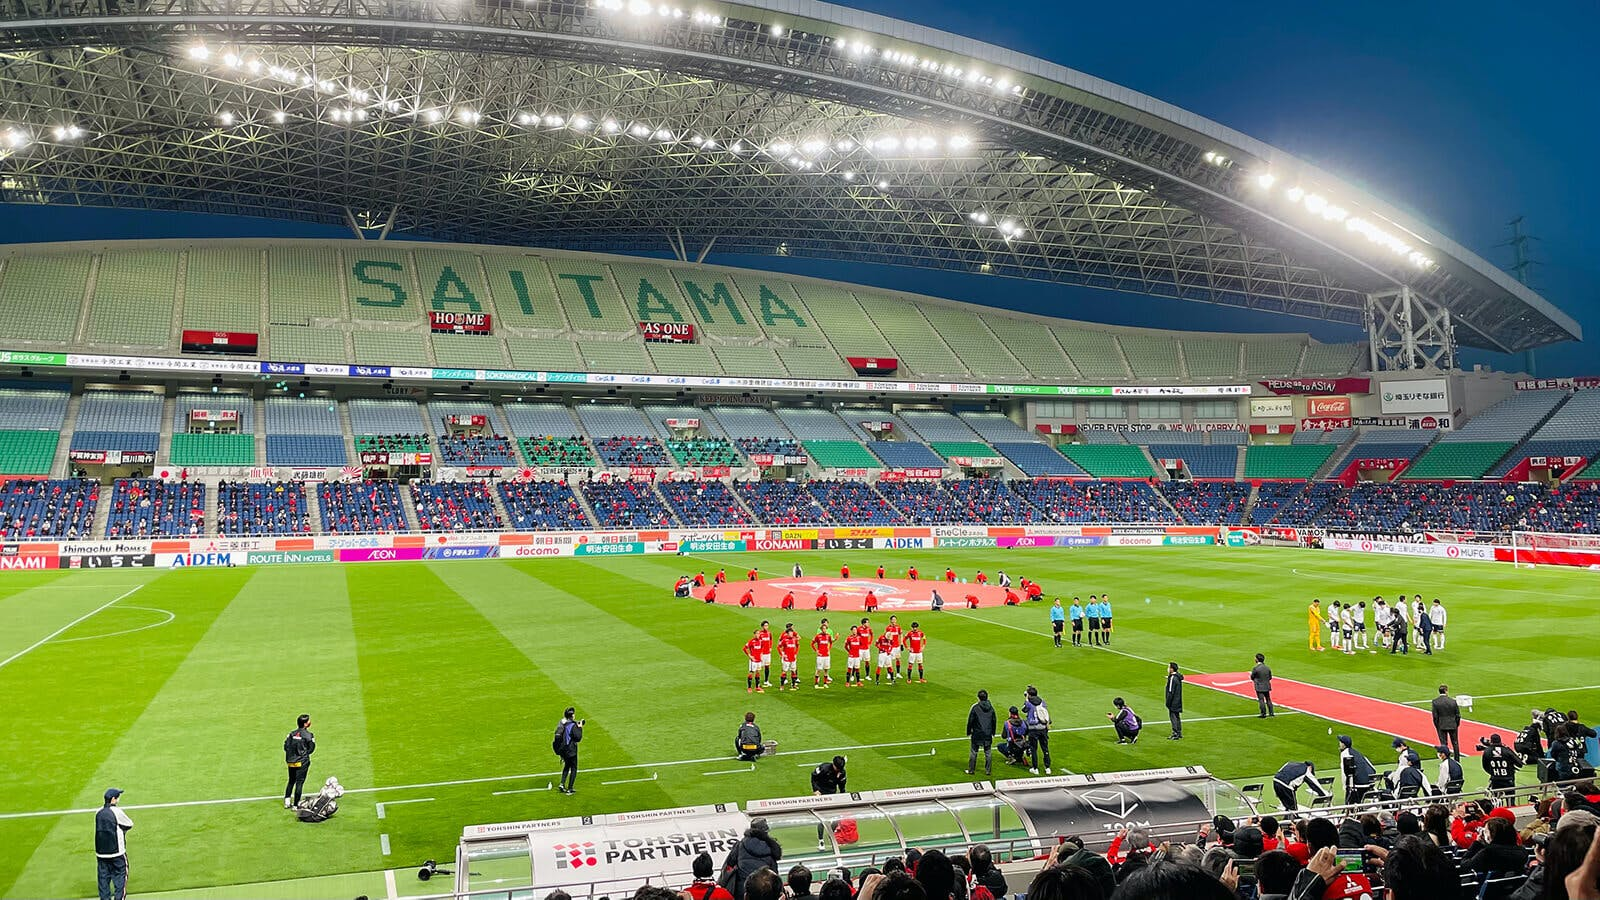 2021 Jリーグ 第3節 埼玉スタジアム2002 横浜FC戦 試合前